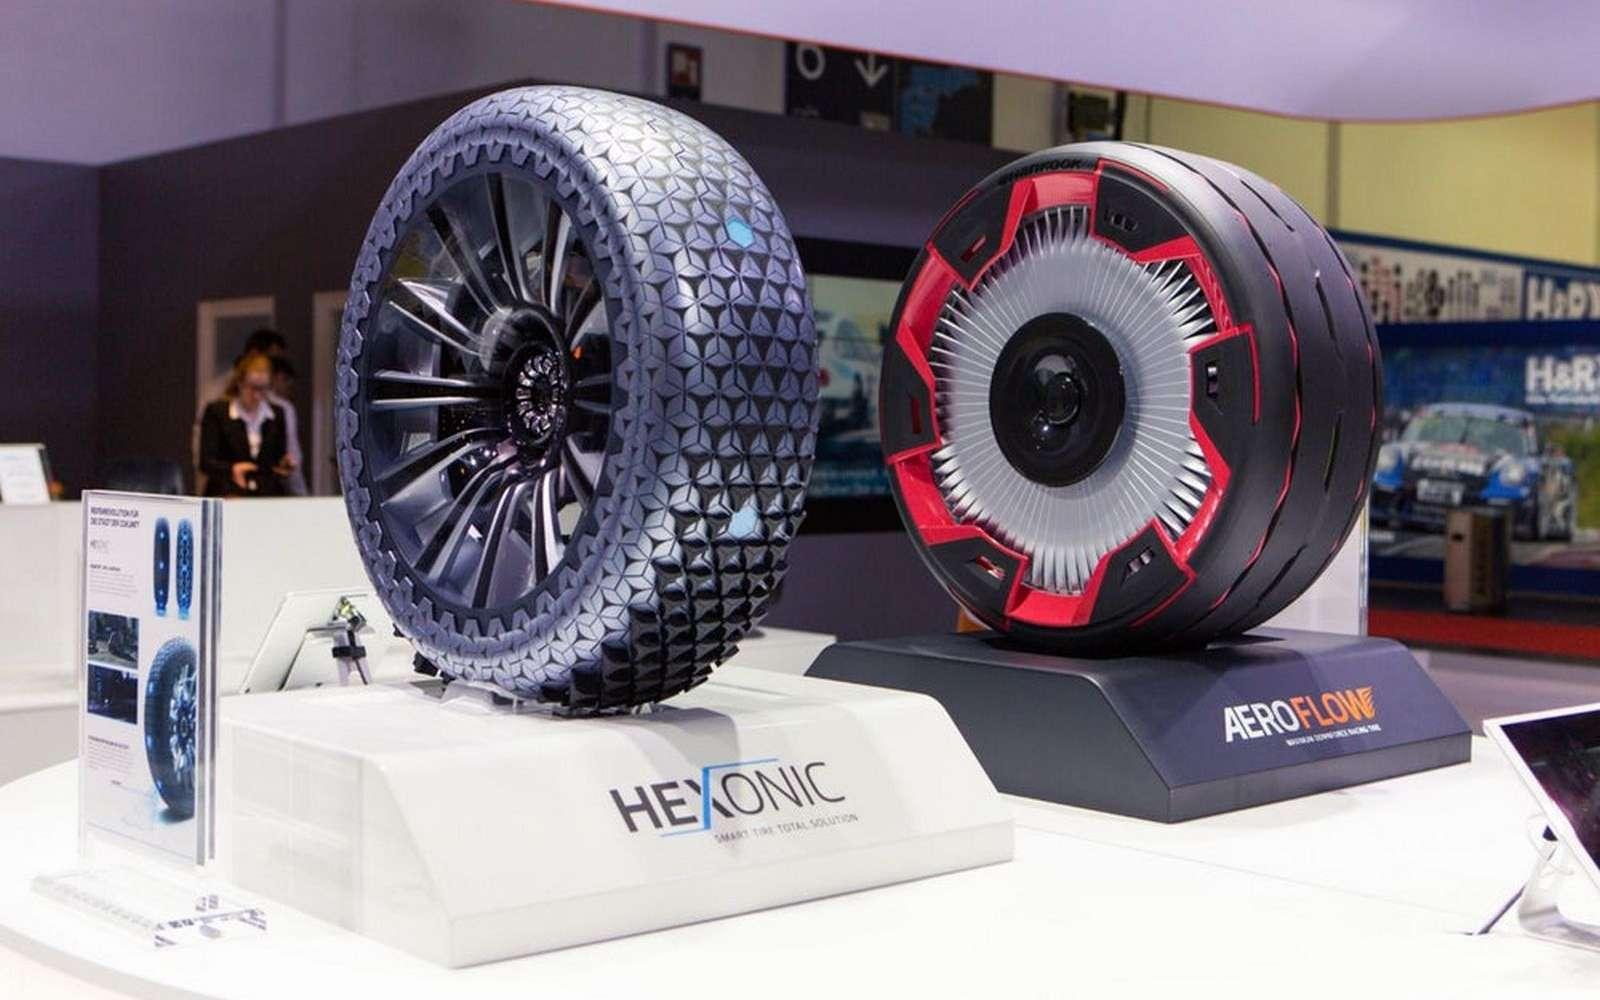 Les concepts de pneus futuristes Aeroflow et Hexonic du manufacturier Hankook. © Hankook